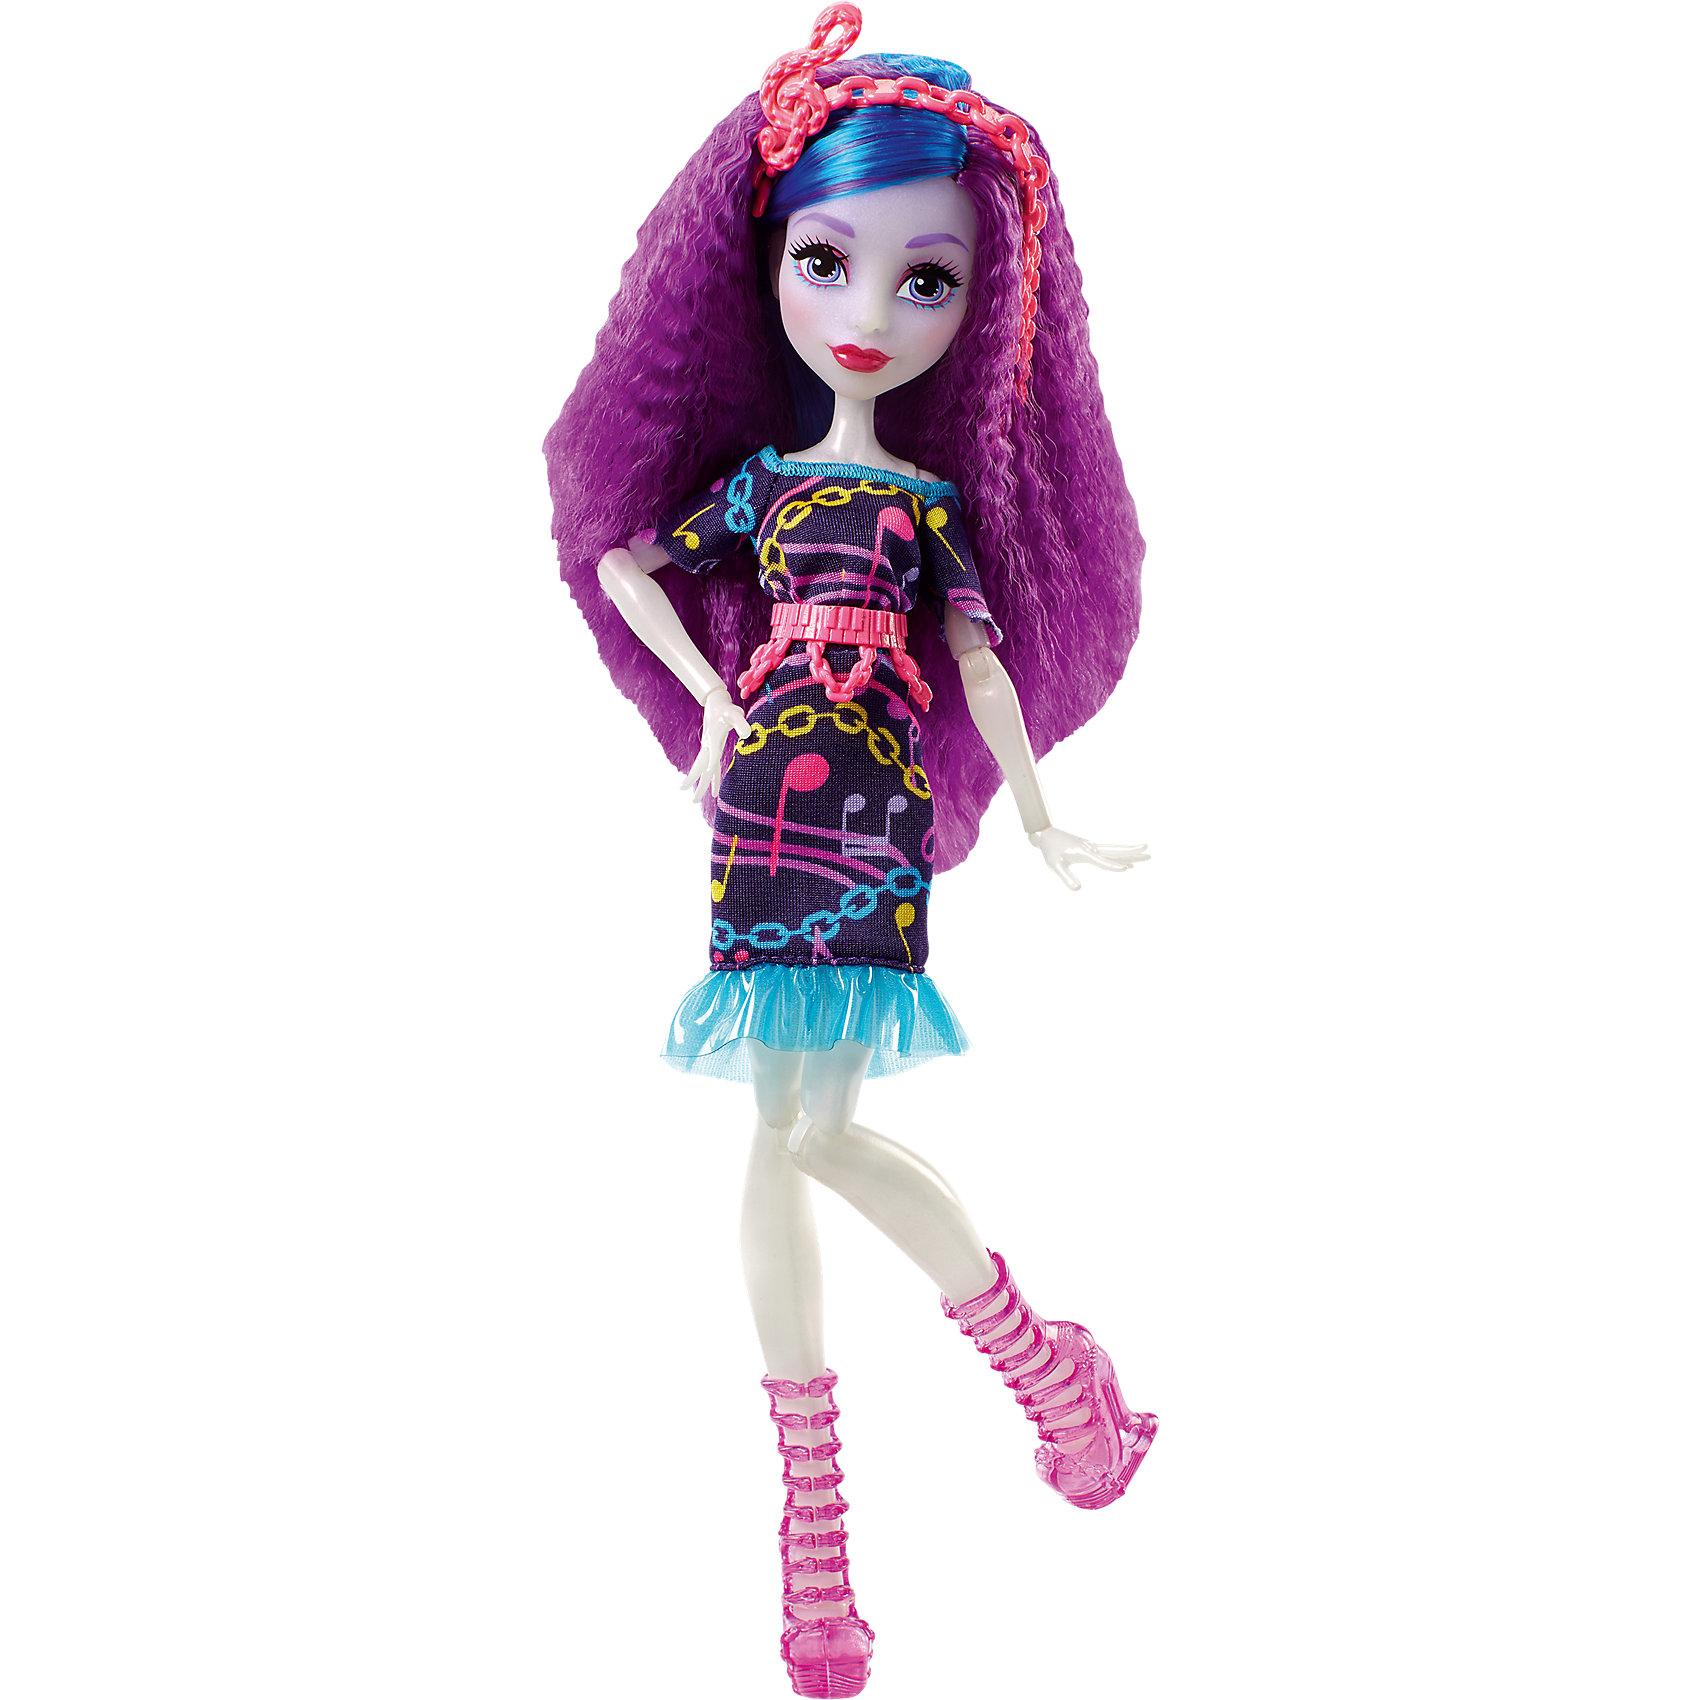 Неоновая монстряшка Ари Хантингтон из серии Под напряжением, Monster HighMonster High<br>Характеристики товара:<br><br>• имя куклы: Ари Хантингтон<br>• комплектация: кукла, одежда, аксессуары<br>• материал: пластик, текстиль<br>• серия: Под напряжением<br>• руки, ноги гнутся<br>• высота куклы: 27 см<br>• возраст: от 6 лет<br>• размер упаковки: 32 x 16 x 7 см<br>• вес: 0,3 кг<br>• страна бренда: США<br><br>Такая современная кукла порадует маленьких любительниц мультфильмов про мир Monster High. Костюм героини мультфильма дополняет обувь и аксессуары. Руки и ноги гнутся, из длинных волос можно делать прически! Кукла Ари Хантингтон из серии Под напряжением, Monster High, станет великолепным подарком для девочек.<br><br>Игры с куклами помогают девочкам отработать сценарии поведения в обществе, развить воображение и мелкую моторику. Изделие произведено из безопасных для детей материалов. Куклы Monster High от бренда Mattel не перестают быть популярными у современных девочек! <br><br>Куклу Неоновая монстряшка Ари Хантингтон из серии Под напряжением, Monster High, от компании Mattel можно купить в нашем интернет-магазине.<br><br>Ширина мм: 327<br>Глубина мм: 154<br>Высота мм: 66<br>Вес г: 172<br>Возраст от месяцев: 72<br>Возраст до месяцев: 120<br>Пол: Женский<br>Возраст: Детский<br>SKU: 5089101